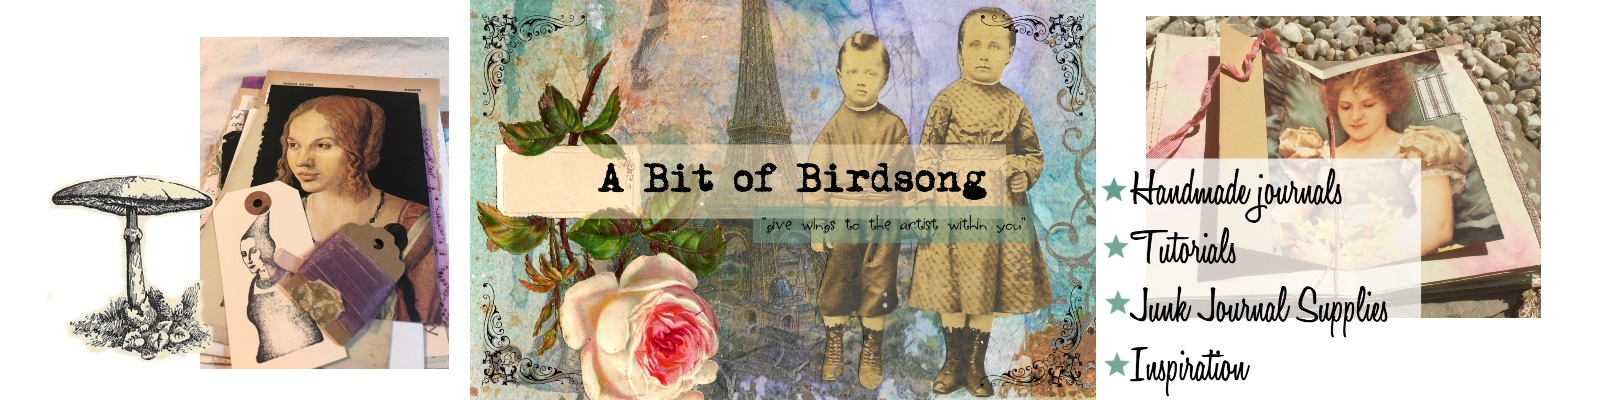 A Bit of Birdsong